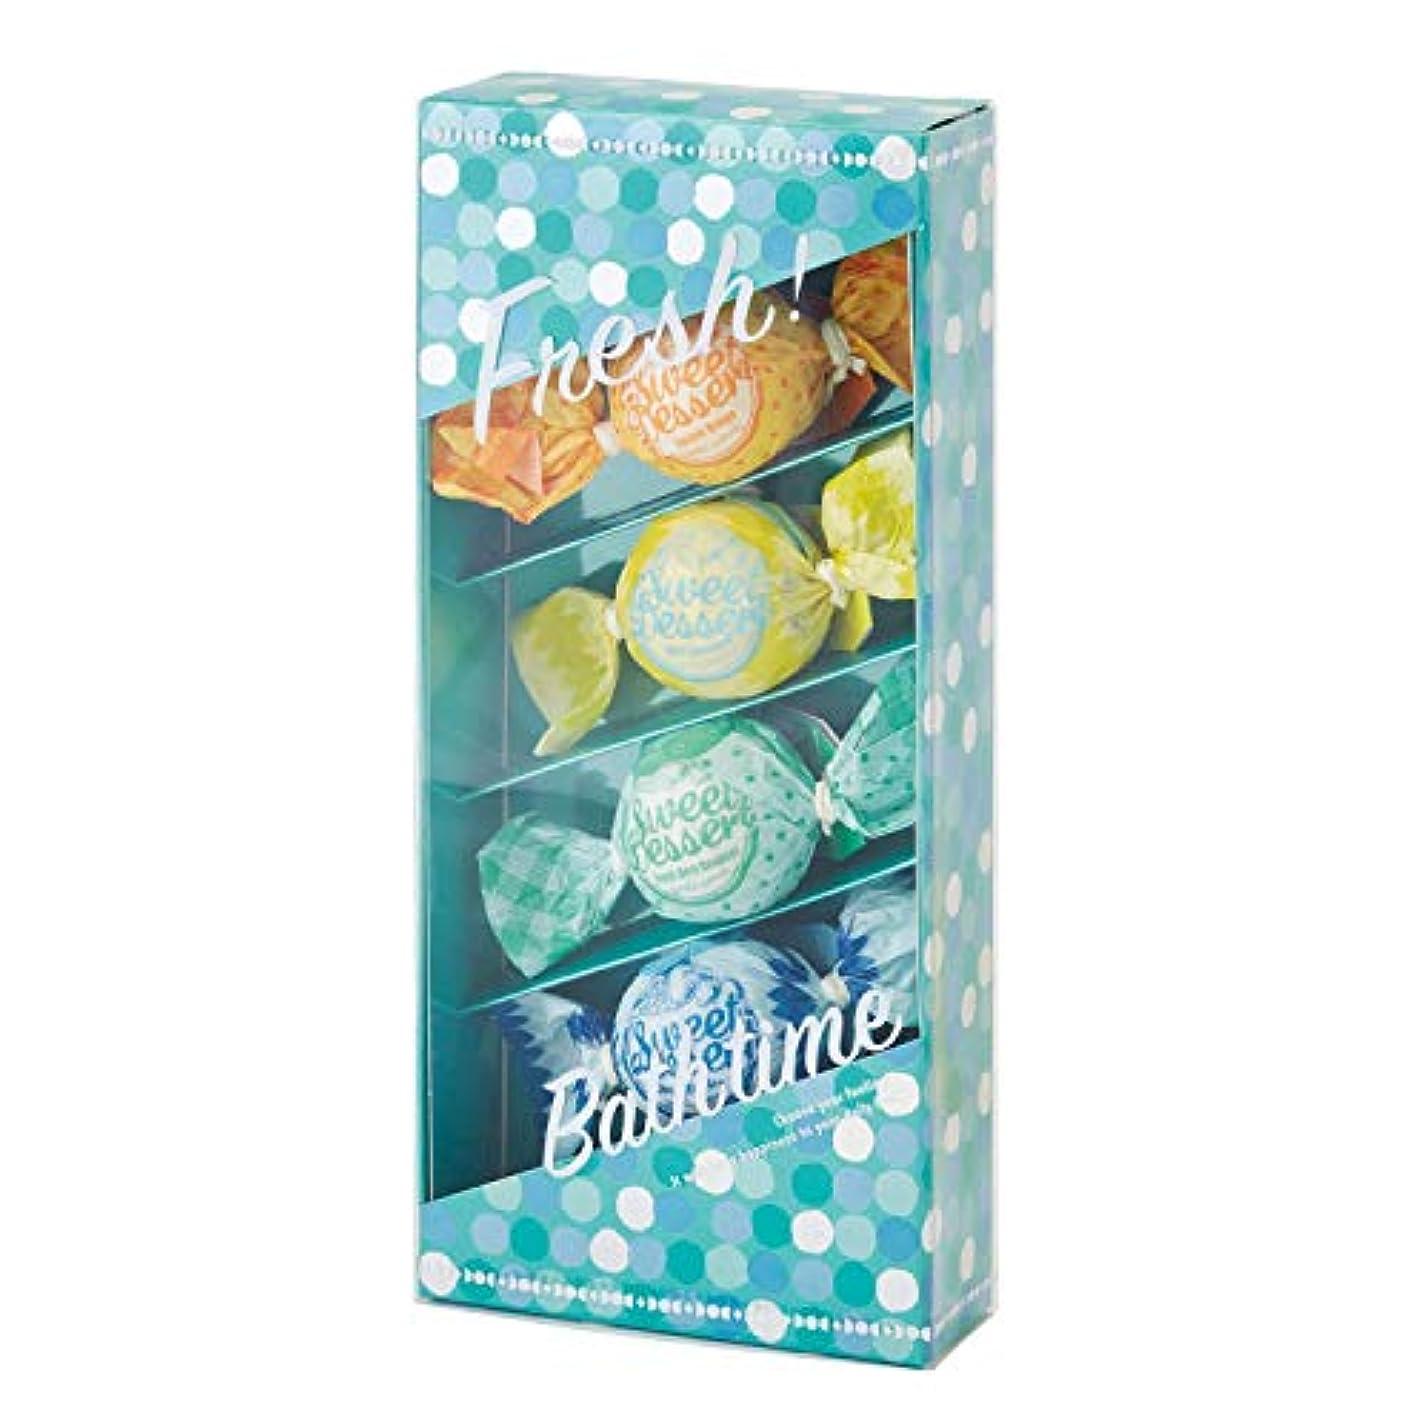 ローブロックチャップアマイワナ バスキャンディー4粒ギフトセット フレッシュ (発泡入浴料 バスギフト)